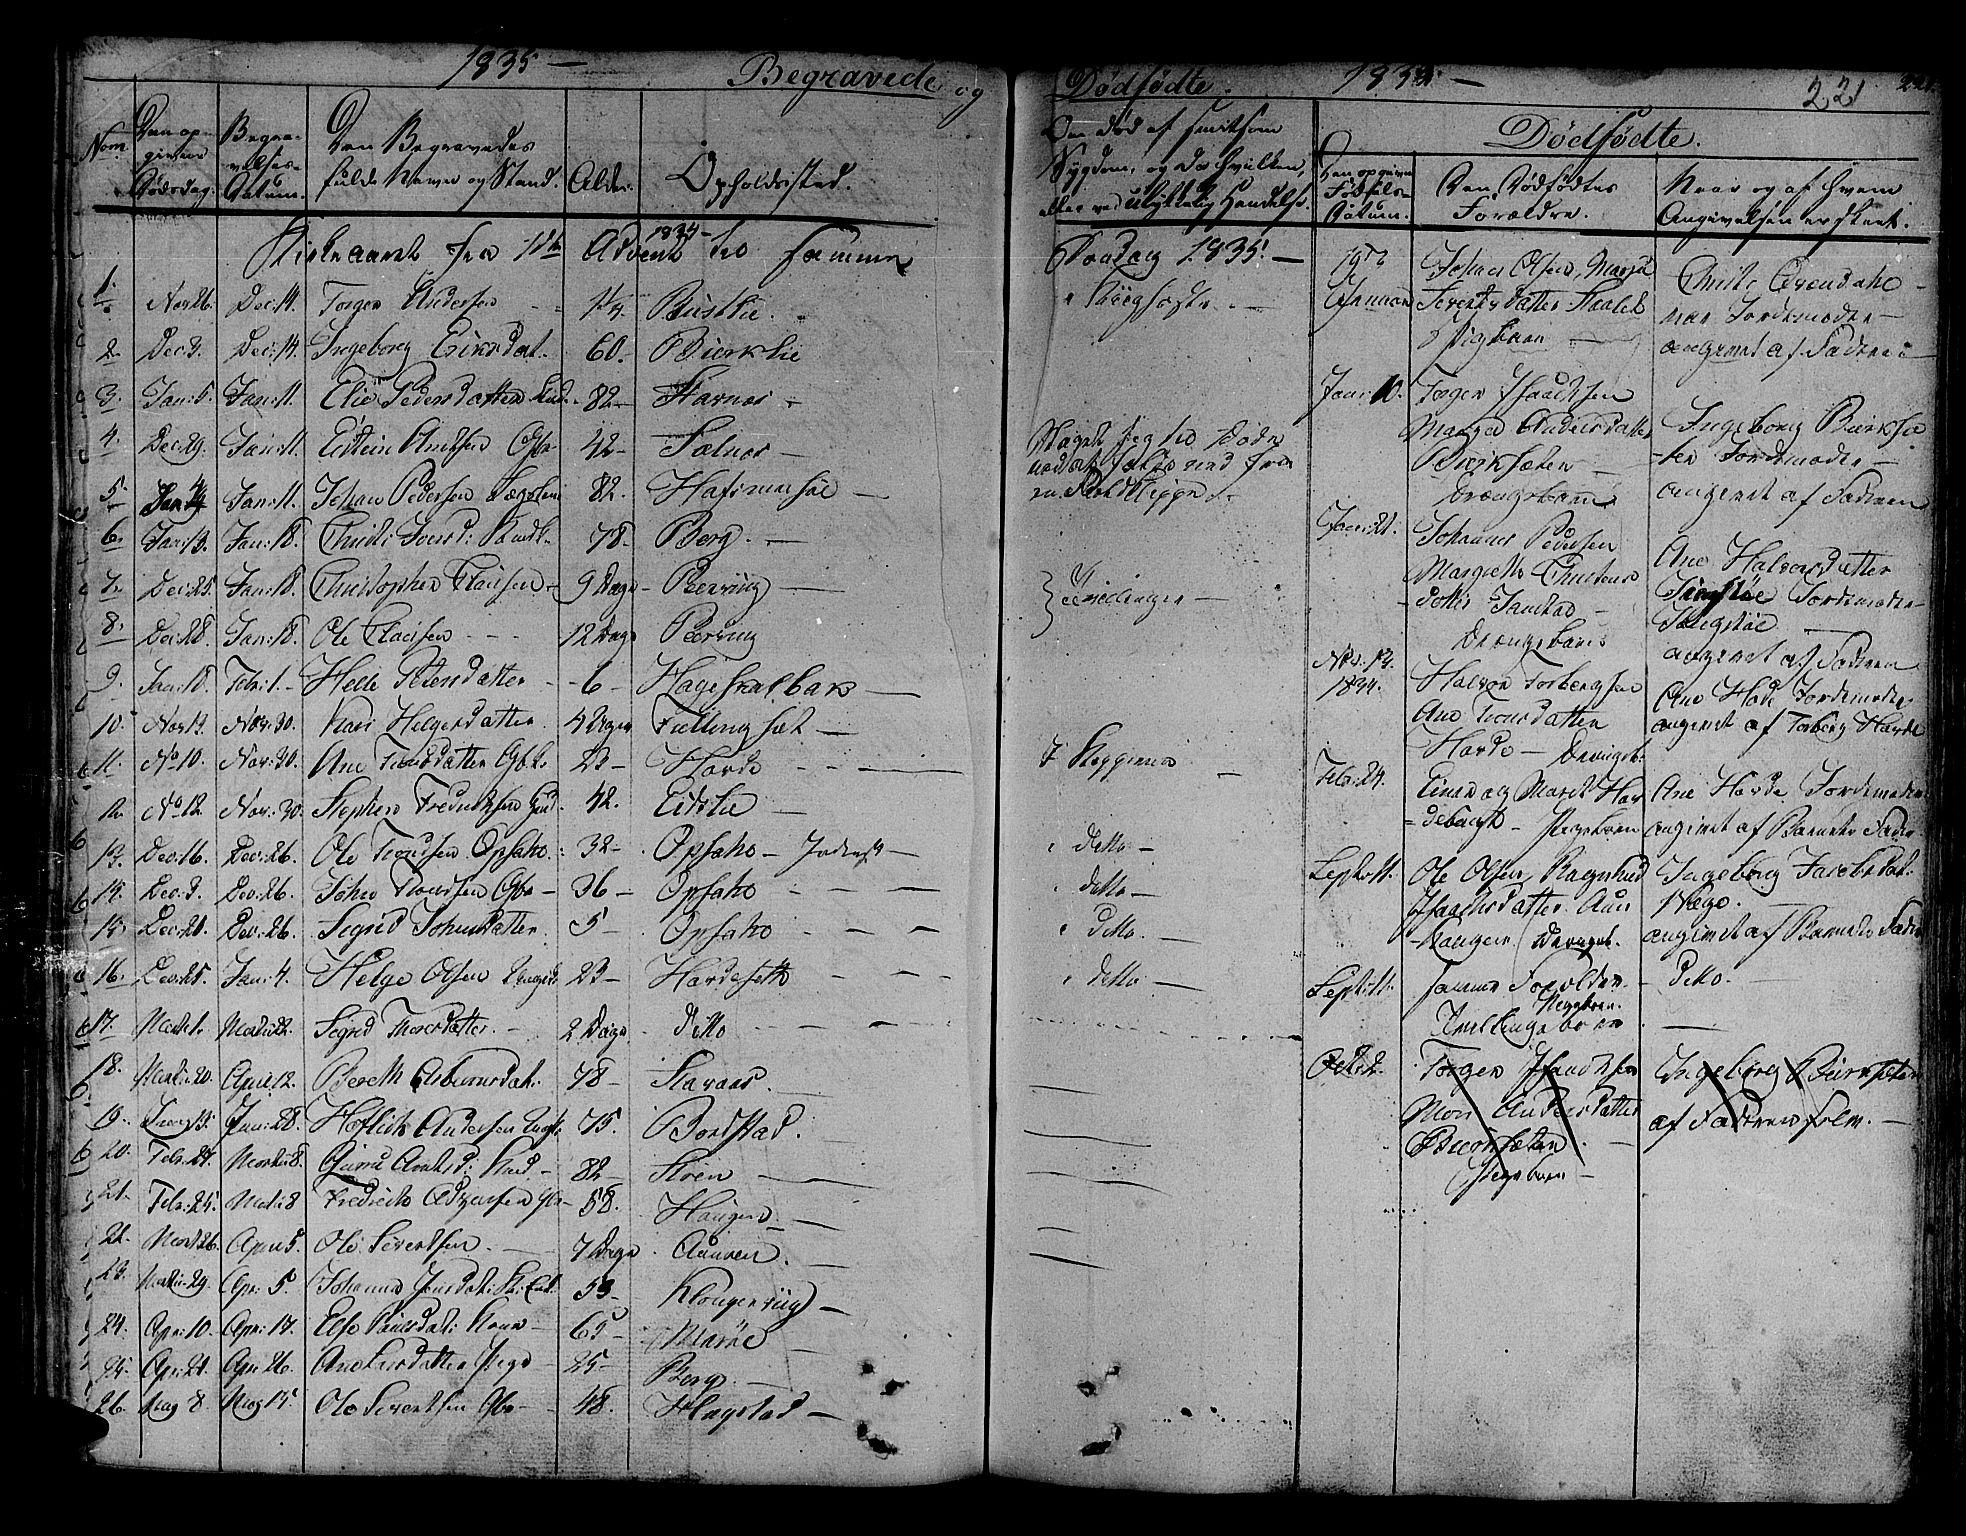 SAT, Ministerialprotokoller, klokkerbøker og fødselsregistre - Sør-Trøndelag, 630/L0492: Ministerialbok nr. 630A05, 1830-1840, s. 221